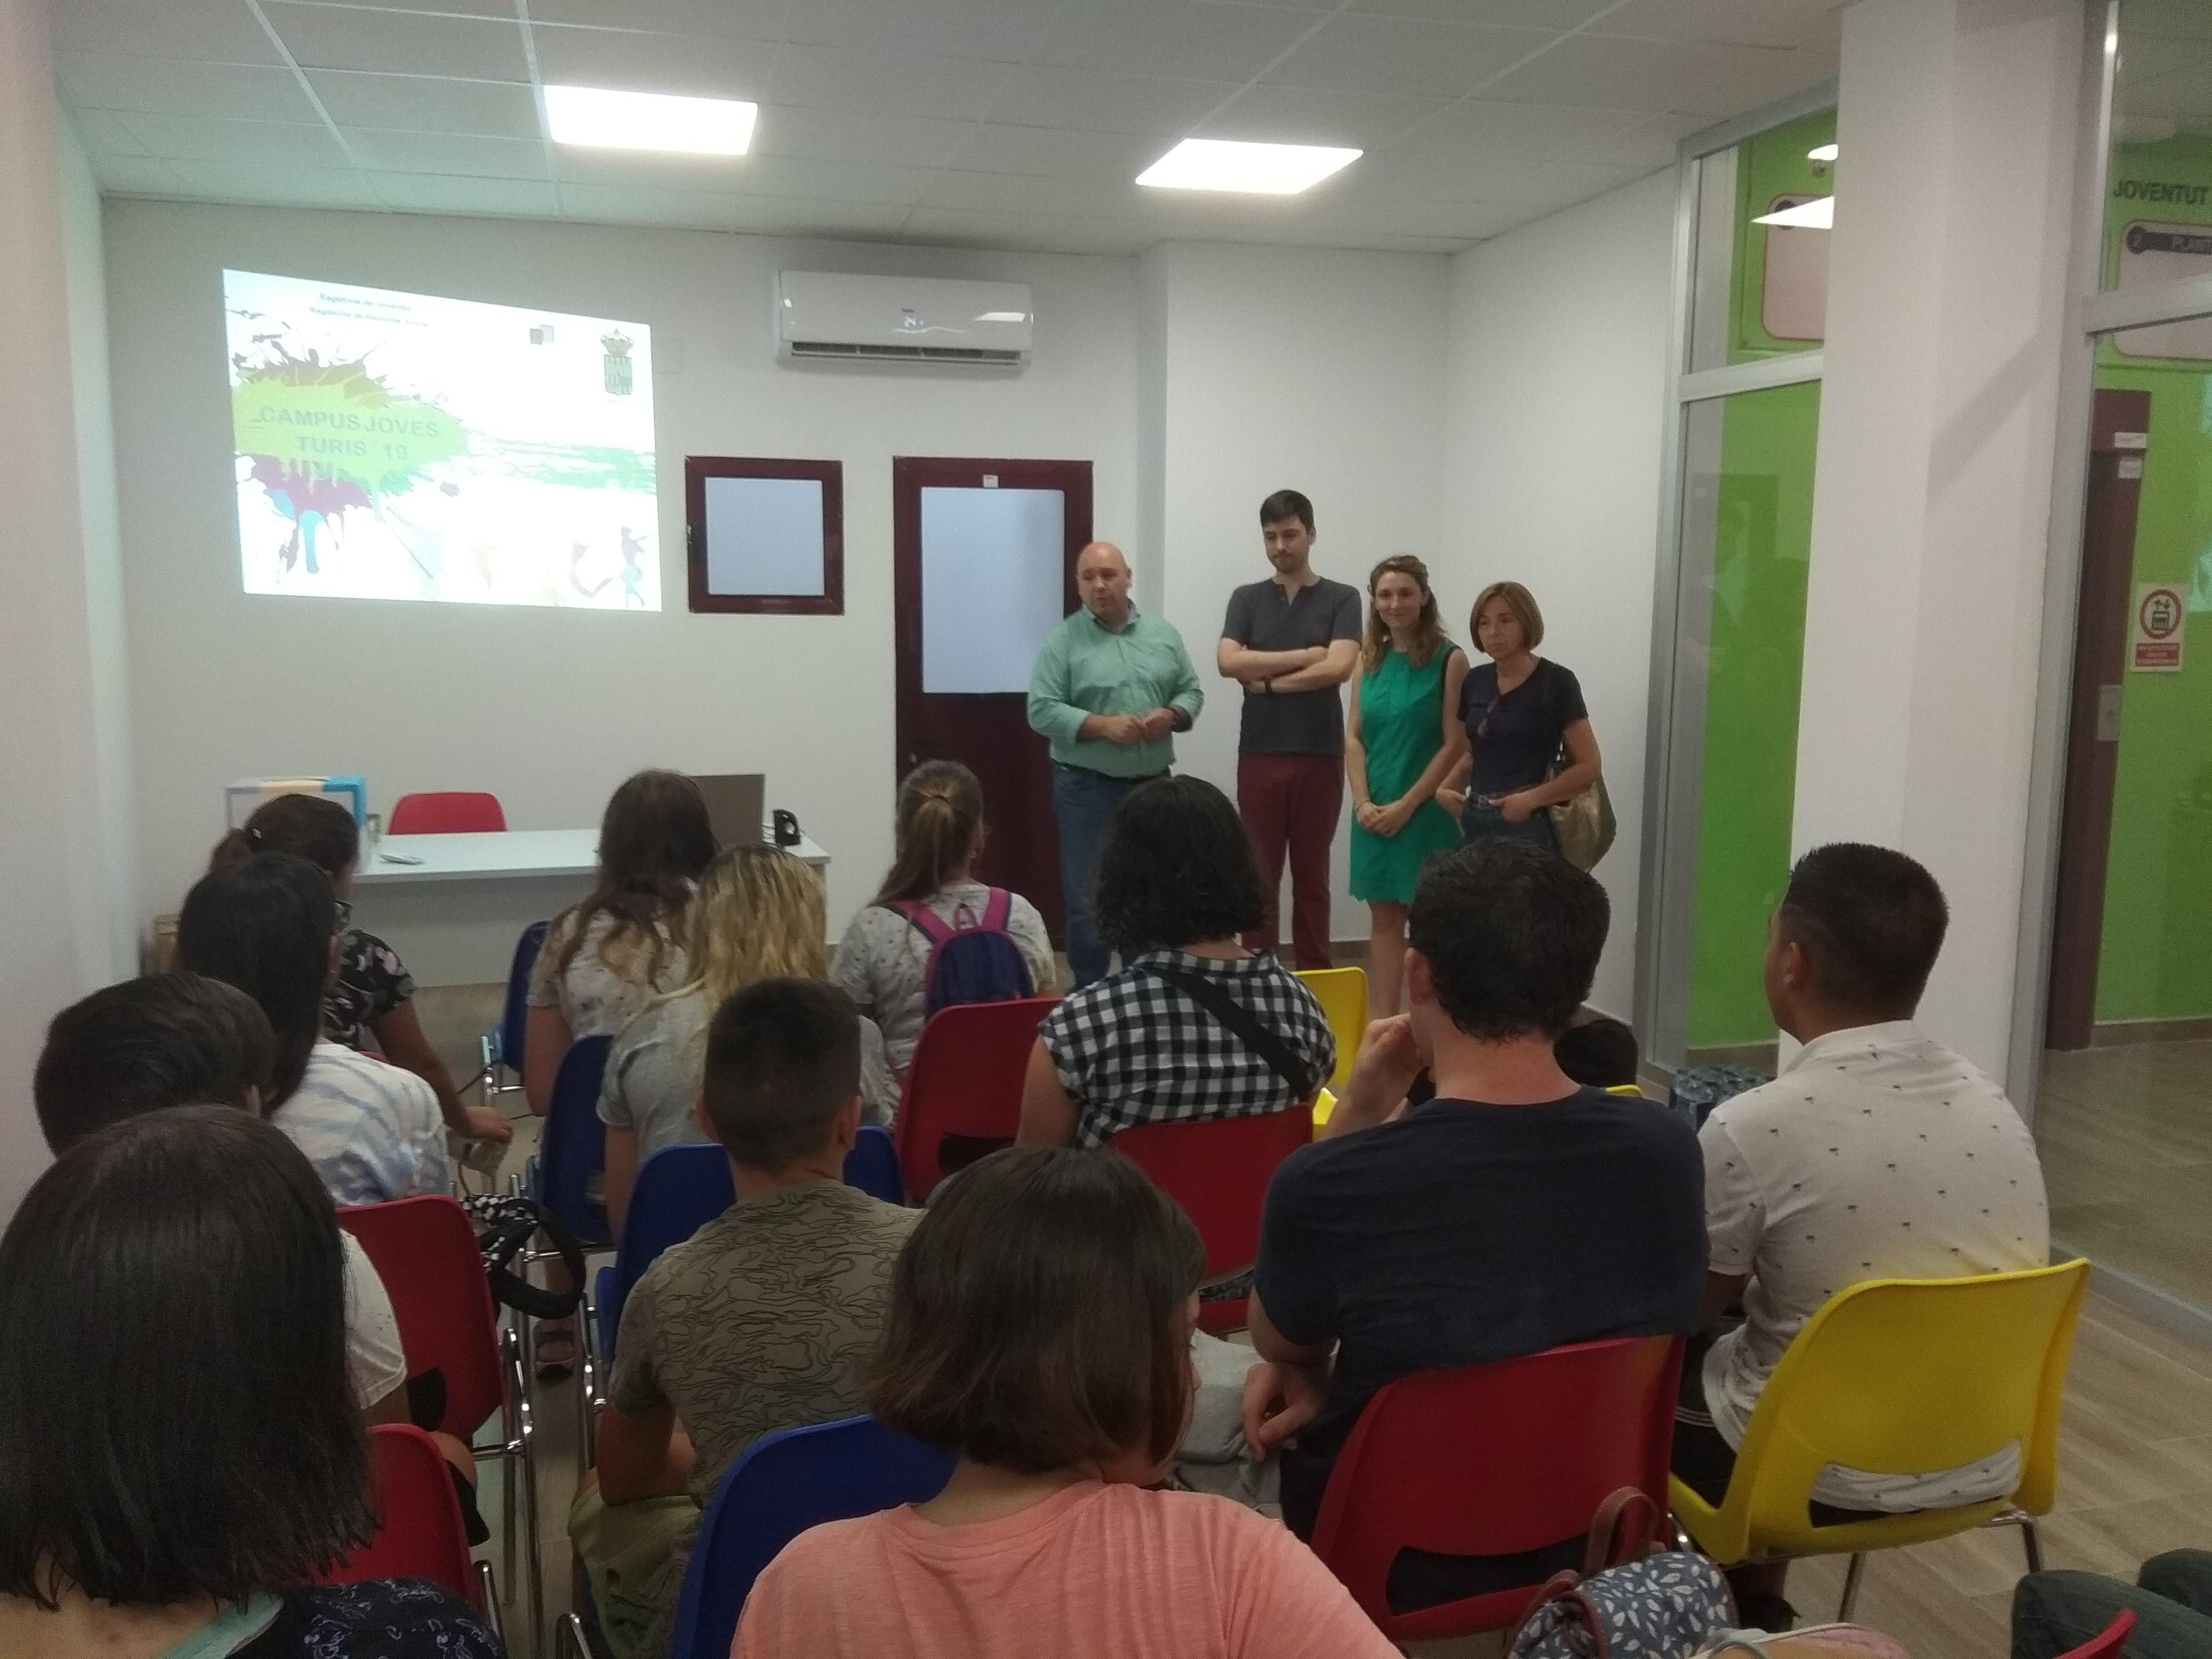 El Alcalde de Turís, Eugenio Fortaña, ha dado la bienvenida junto a los concejales de Juventud, Educación y Deportes, Rafa Algarra, Isabel Guaita y Mariado Crespo respectivamente, al grupo de jóvenes que va a participar en el Campus Joven 2019.